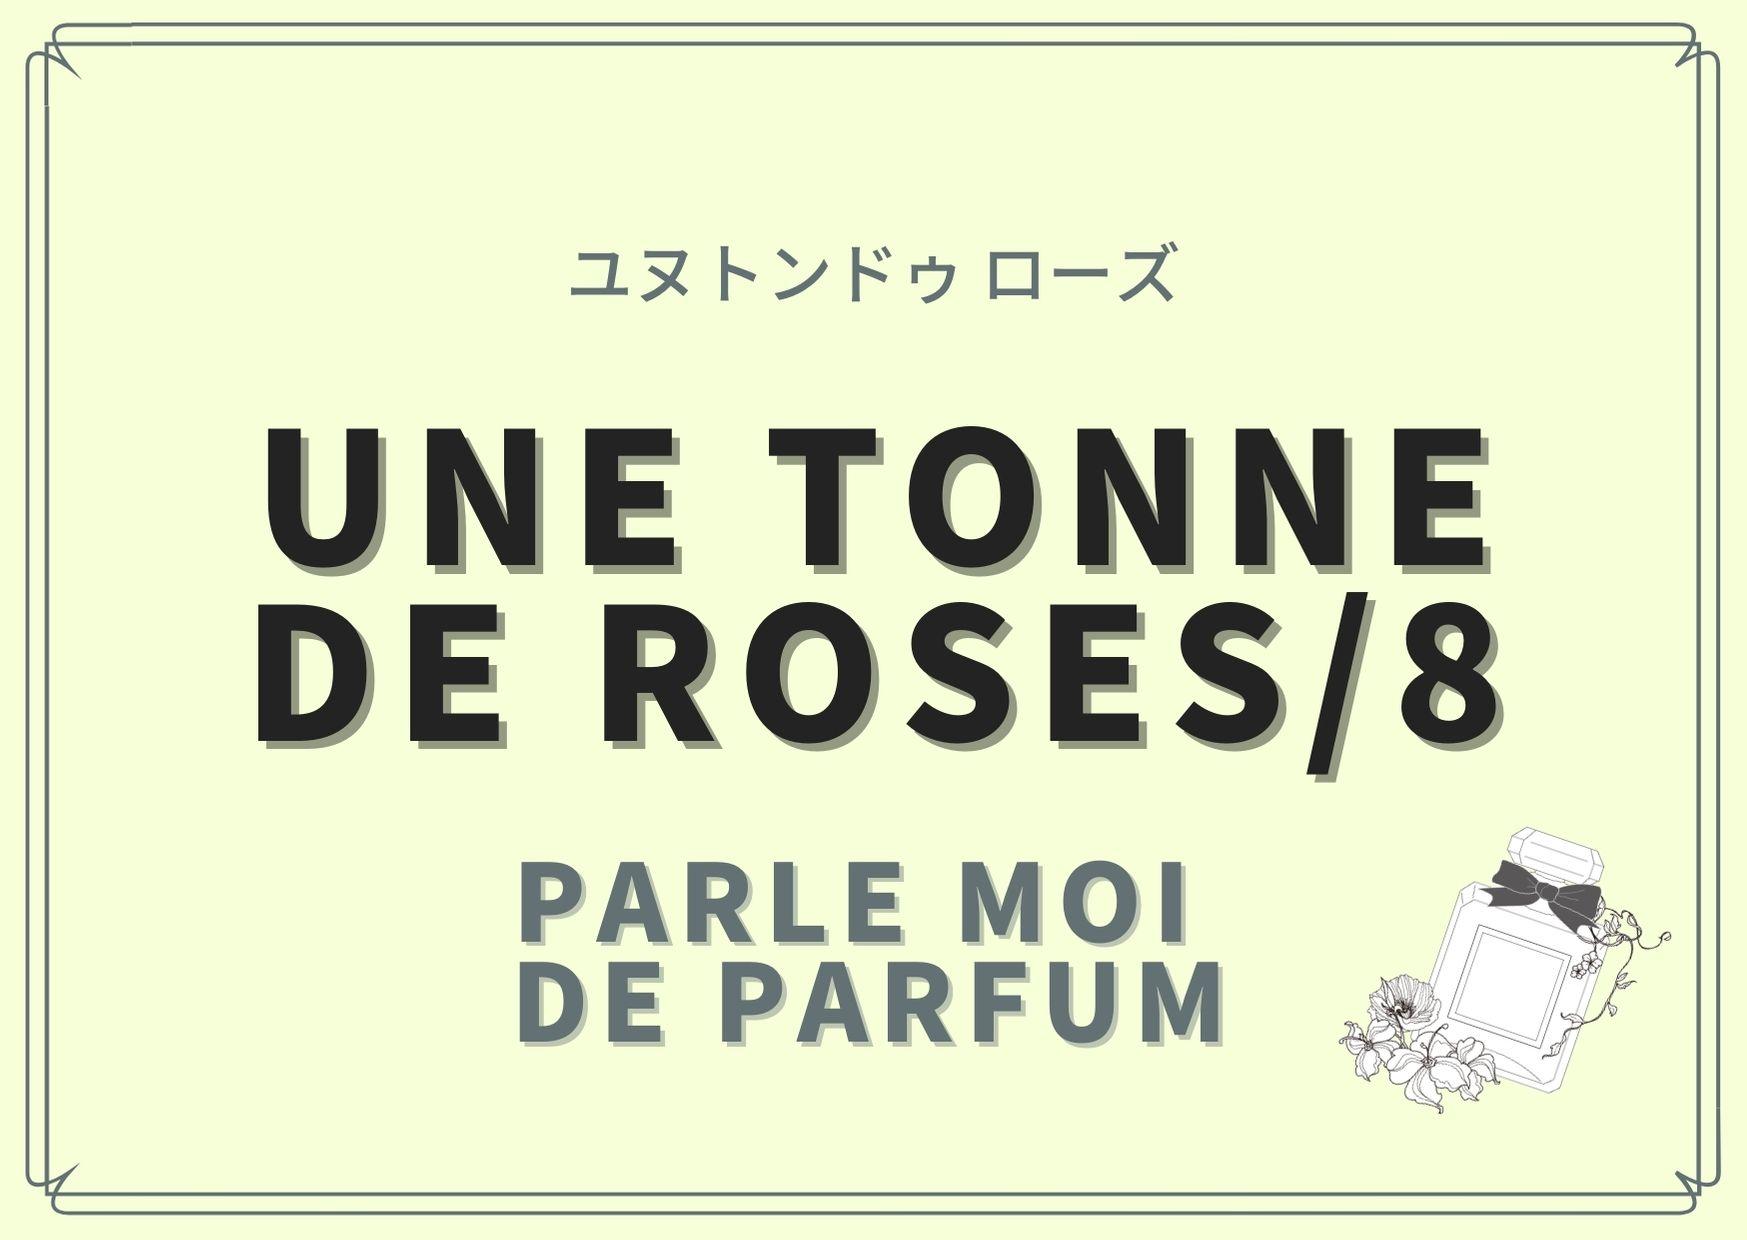 UNE TONNE DE ROSES/8 (ユヌトンドゥ ローズ)/PARLE MOI DE PARFUM(パルル モア ドゥ パルファム)